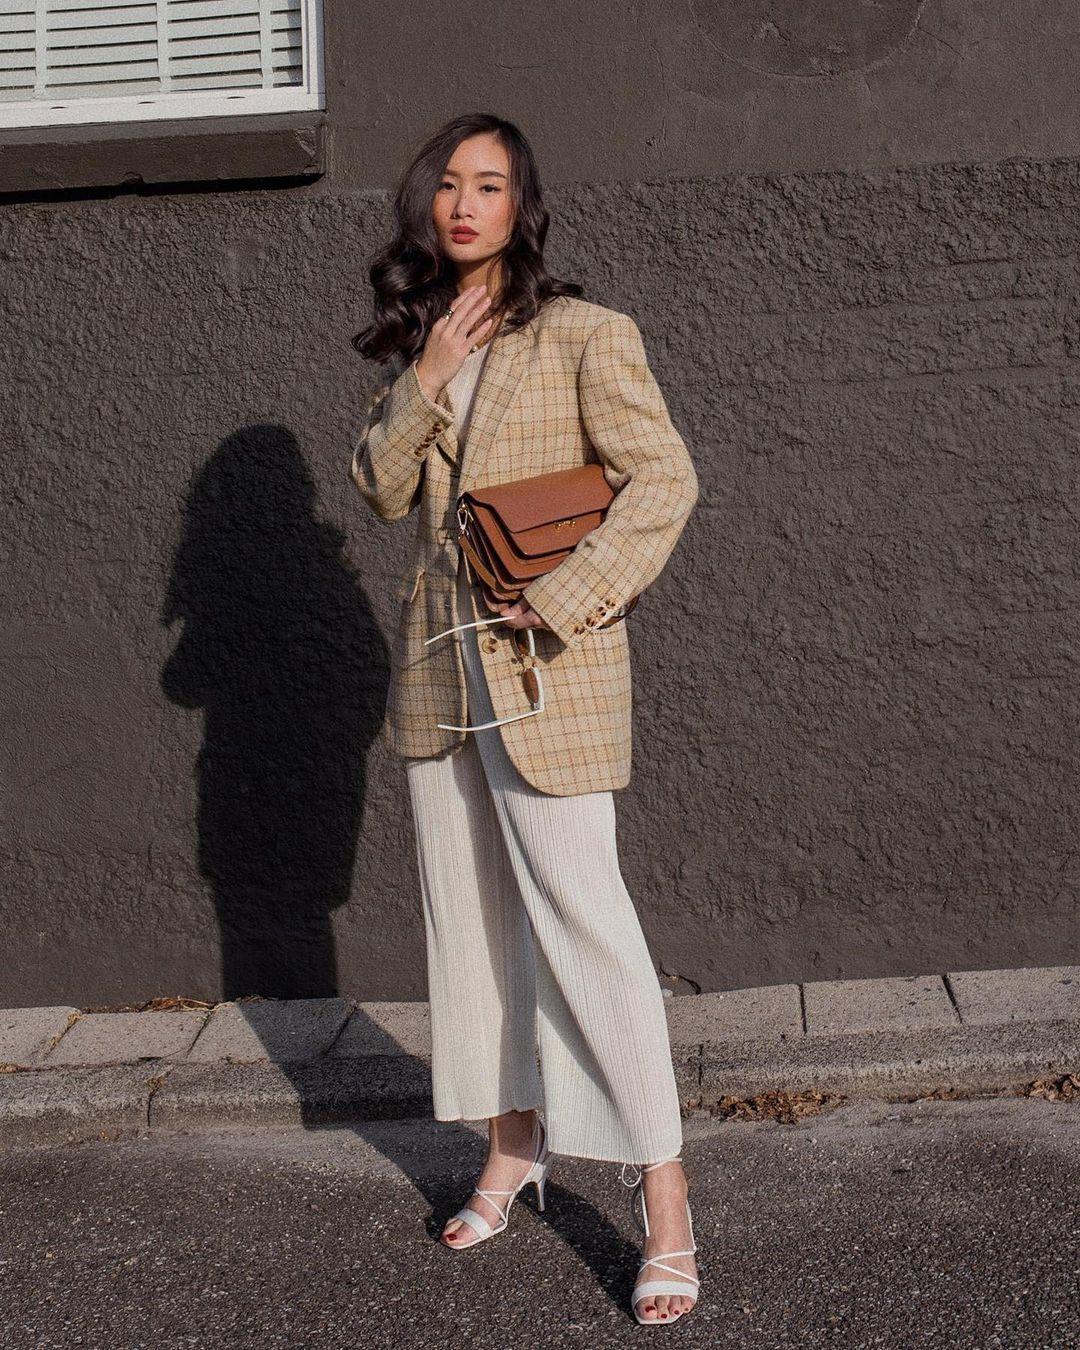 Cách phối màu trang phục công sở theo tính chất công việc áo blazer màu vàng và quần trắng